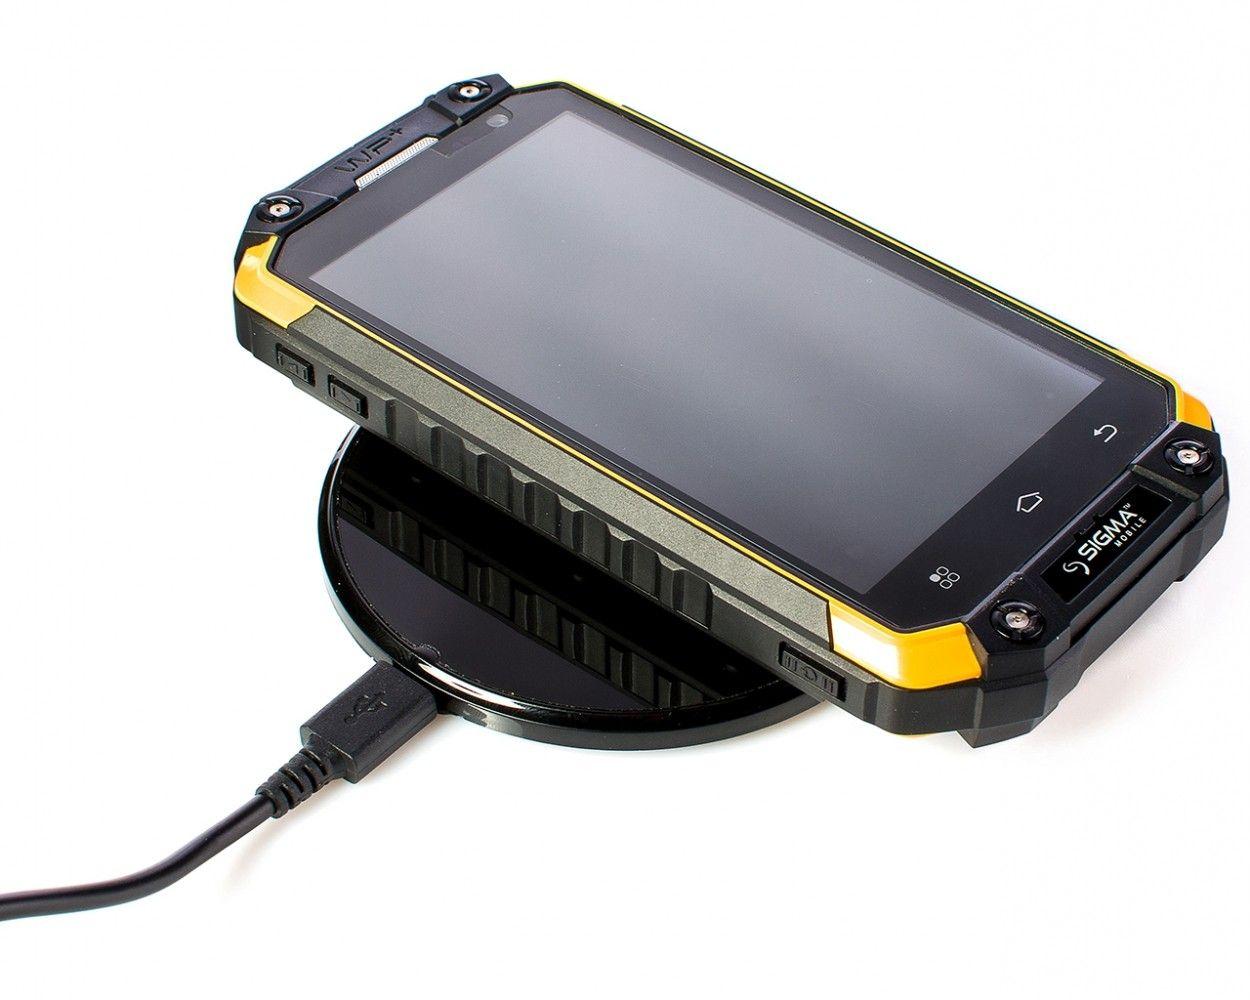 разберемся, смартфон с двумя батареями фото они имеют характерную